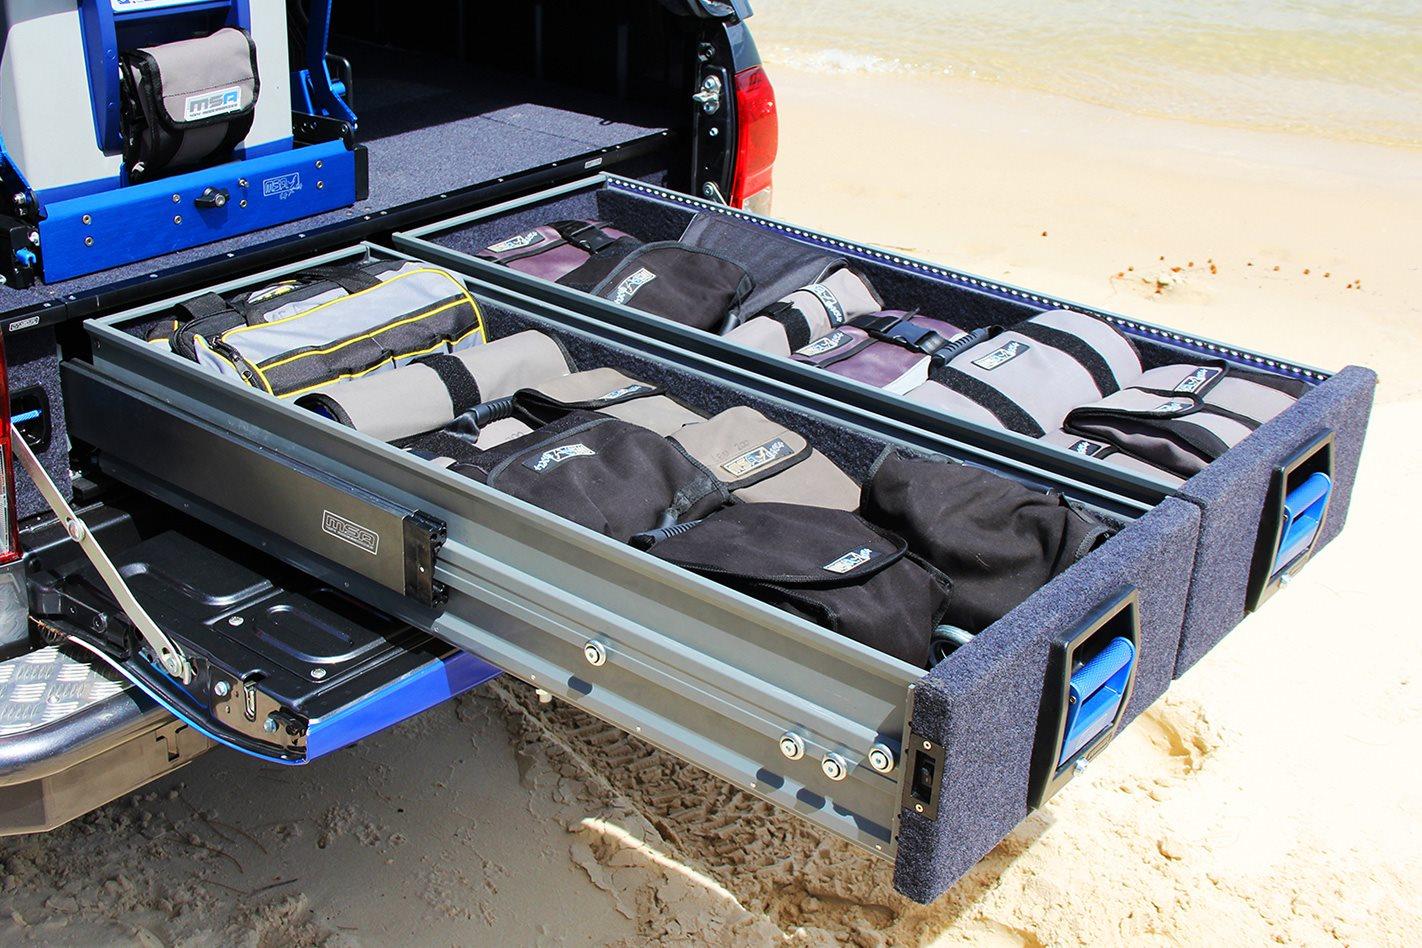 MSA 4X4 Accessories' Explorer Aluminium Drawer System